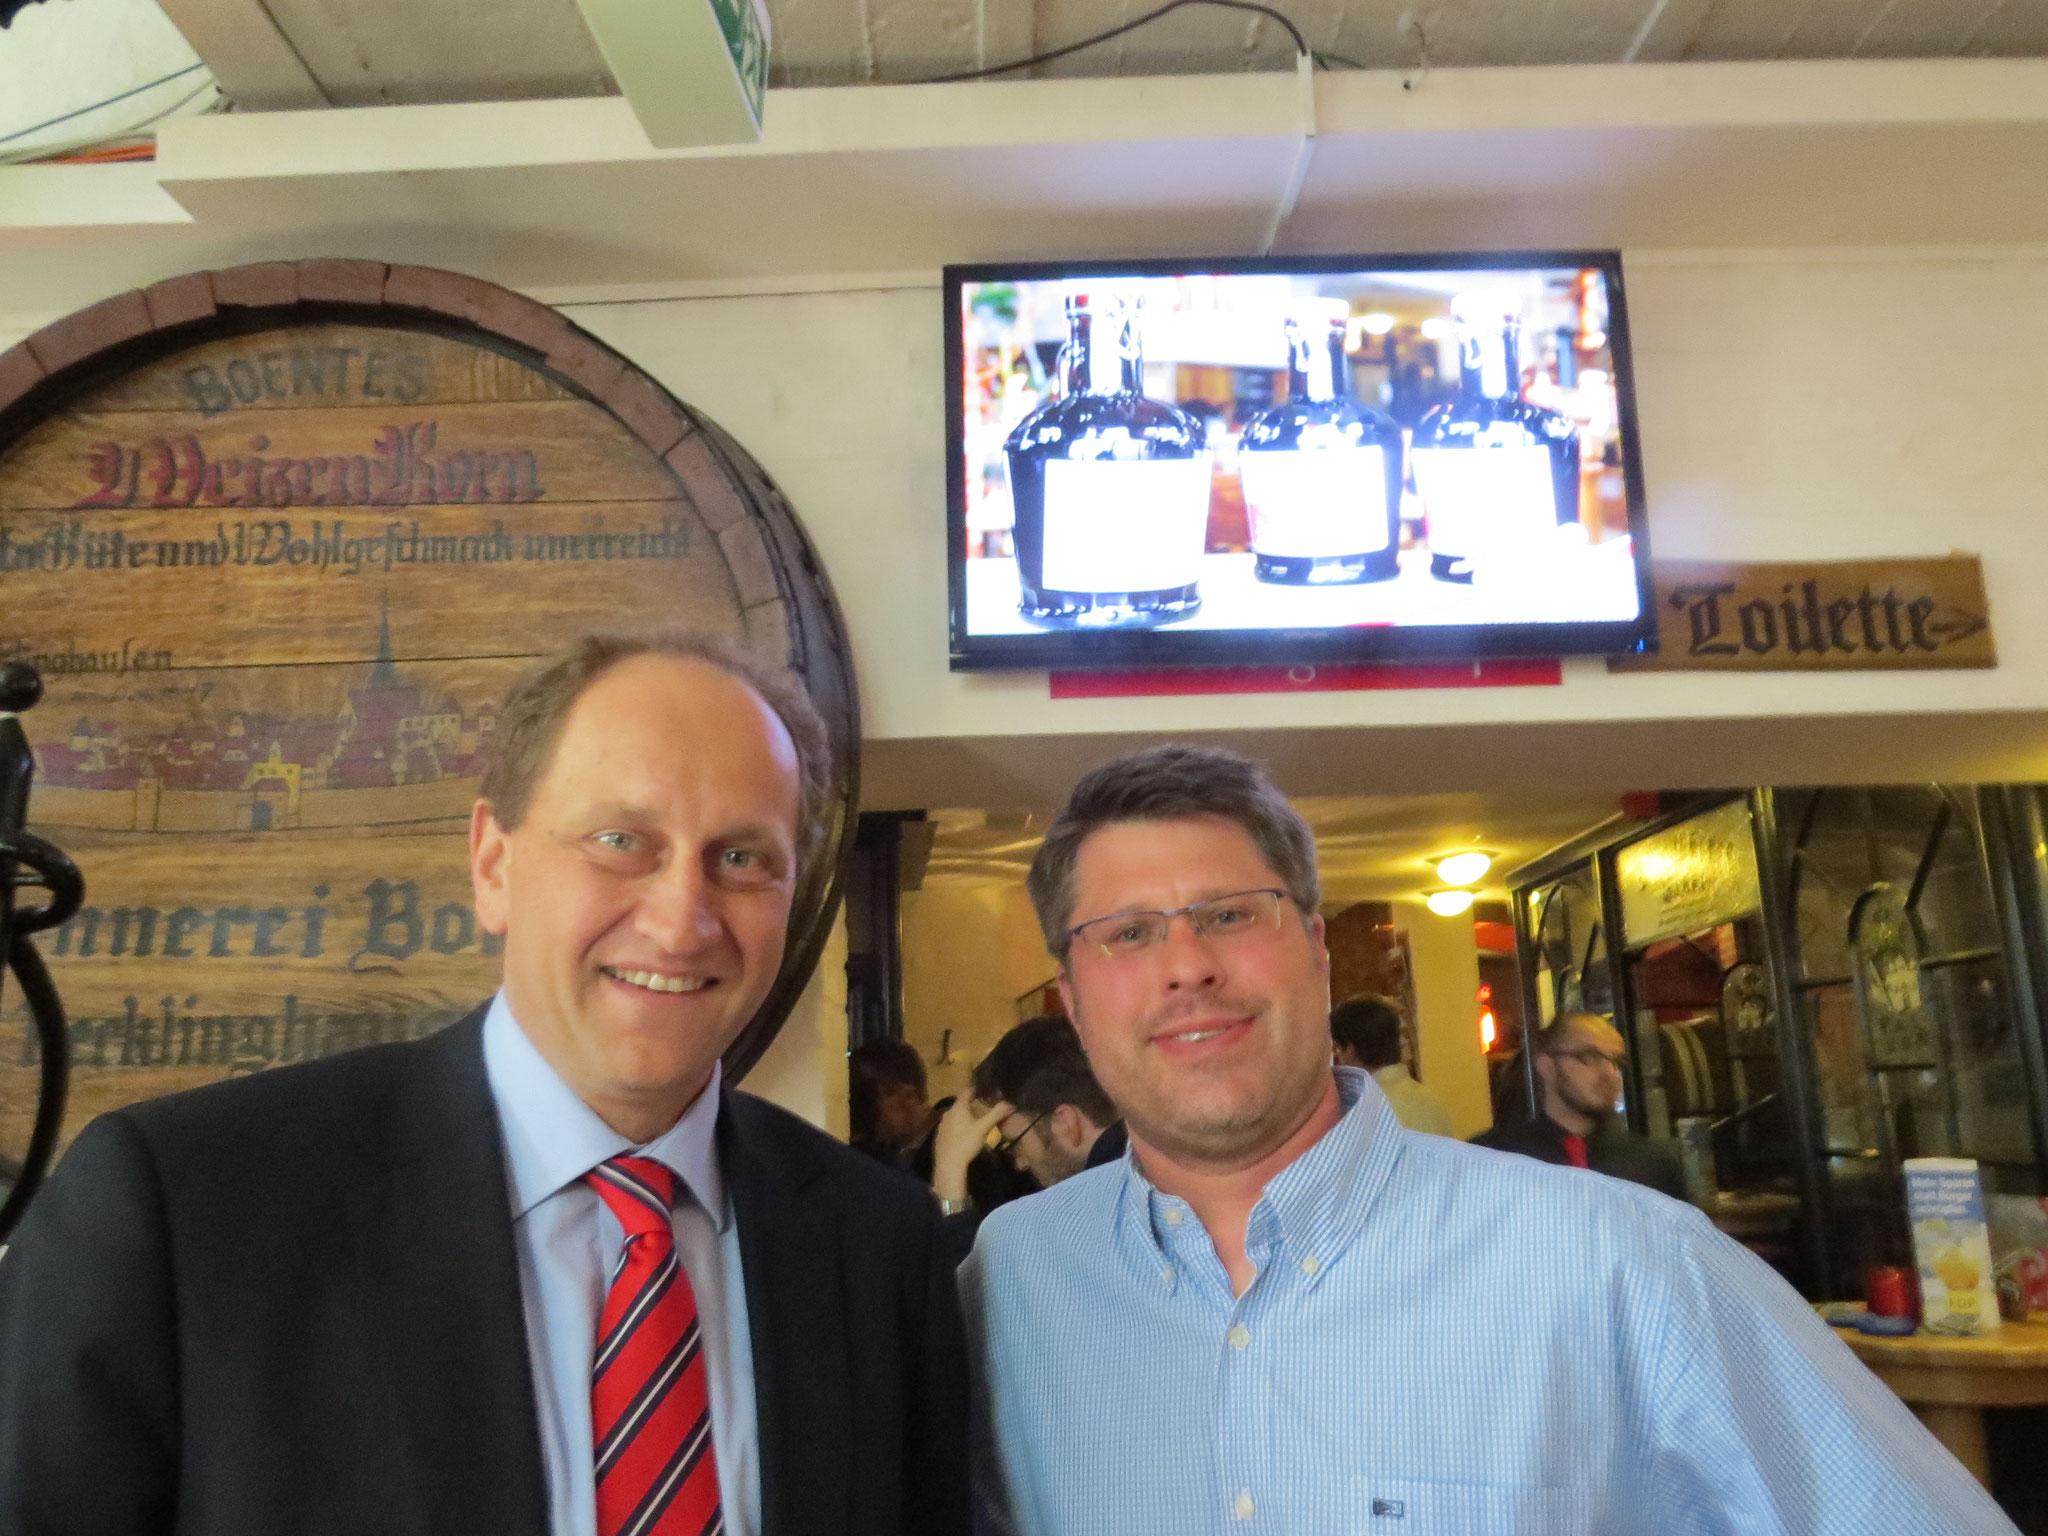 Wahlkampfveranstaltung 2014 in der Hausbrauerei Boente mit Alexander Graf Lambsdorff